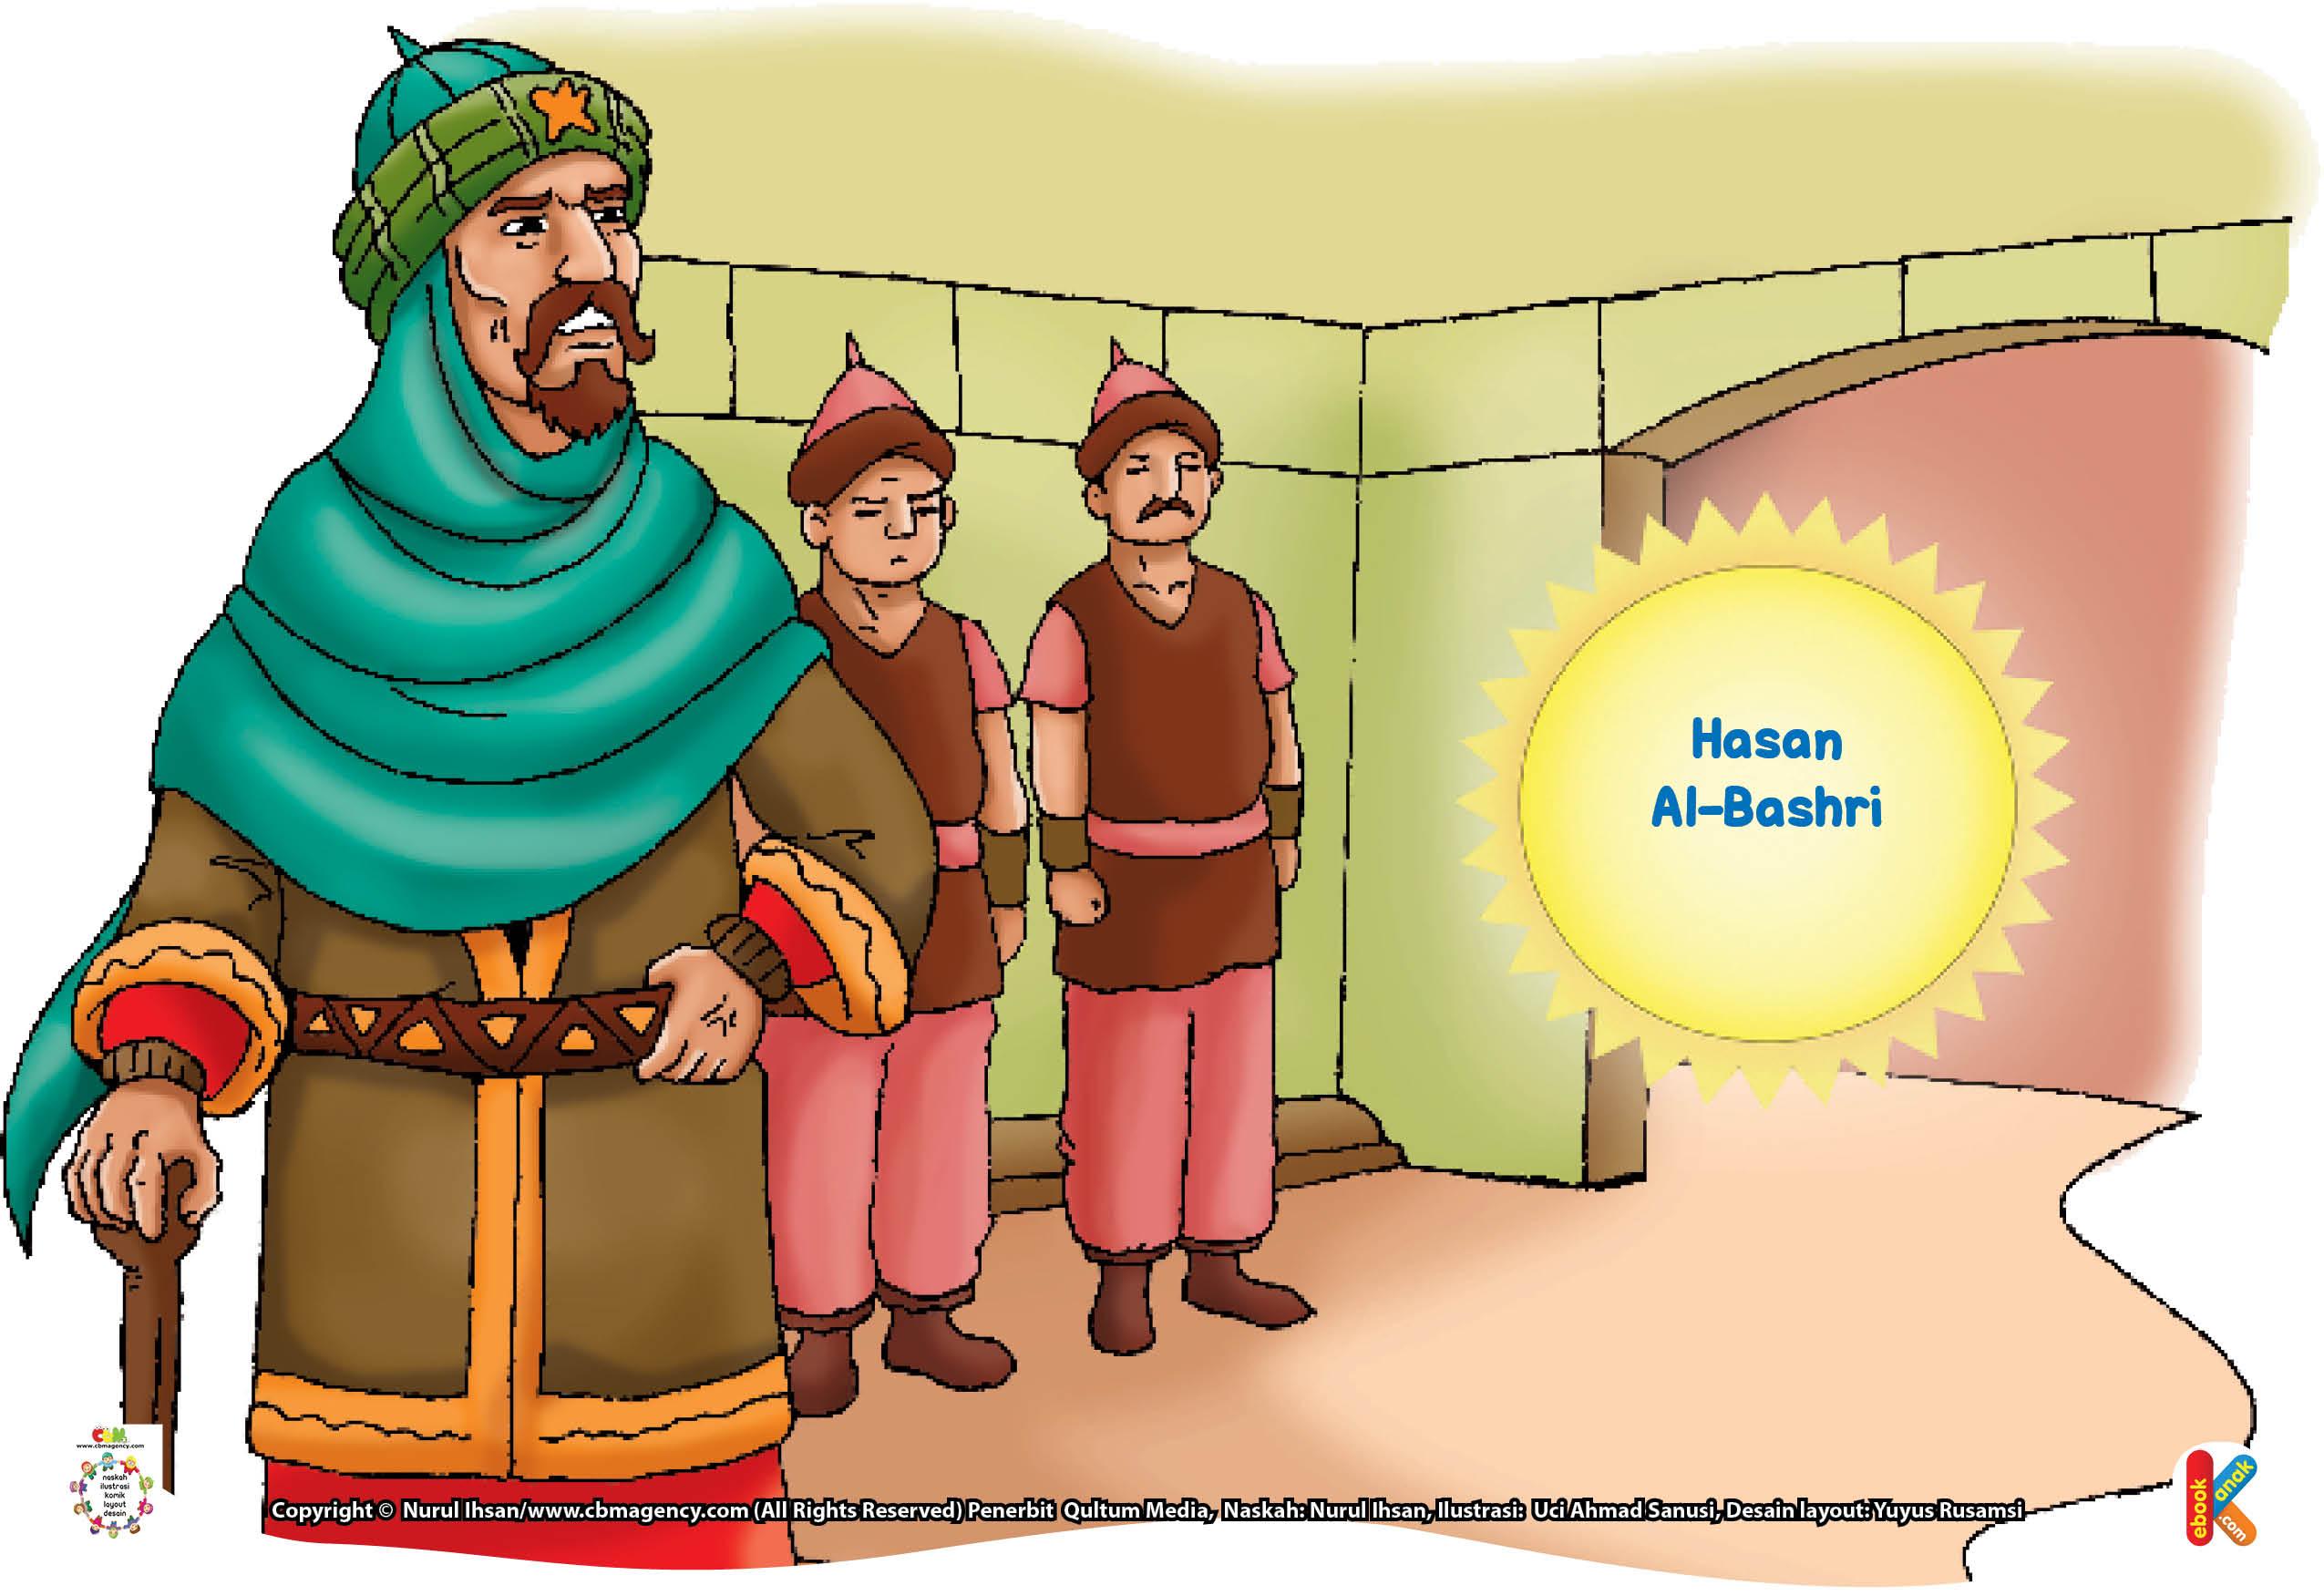 Allah Menegur Salat Hasan Al-Basri dalam Mimpinya